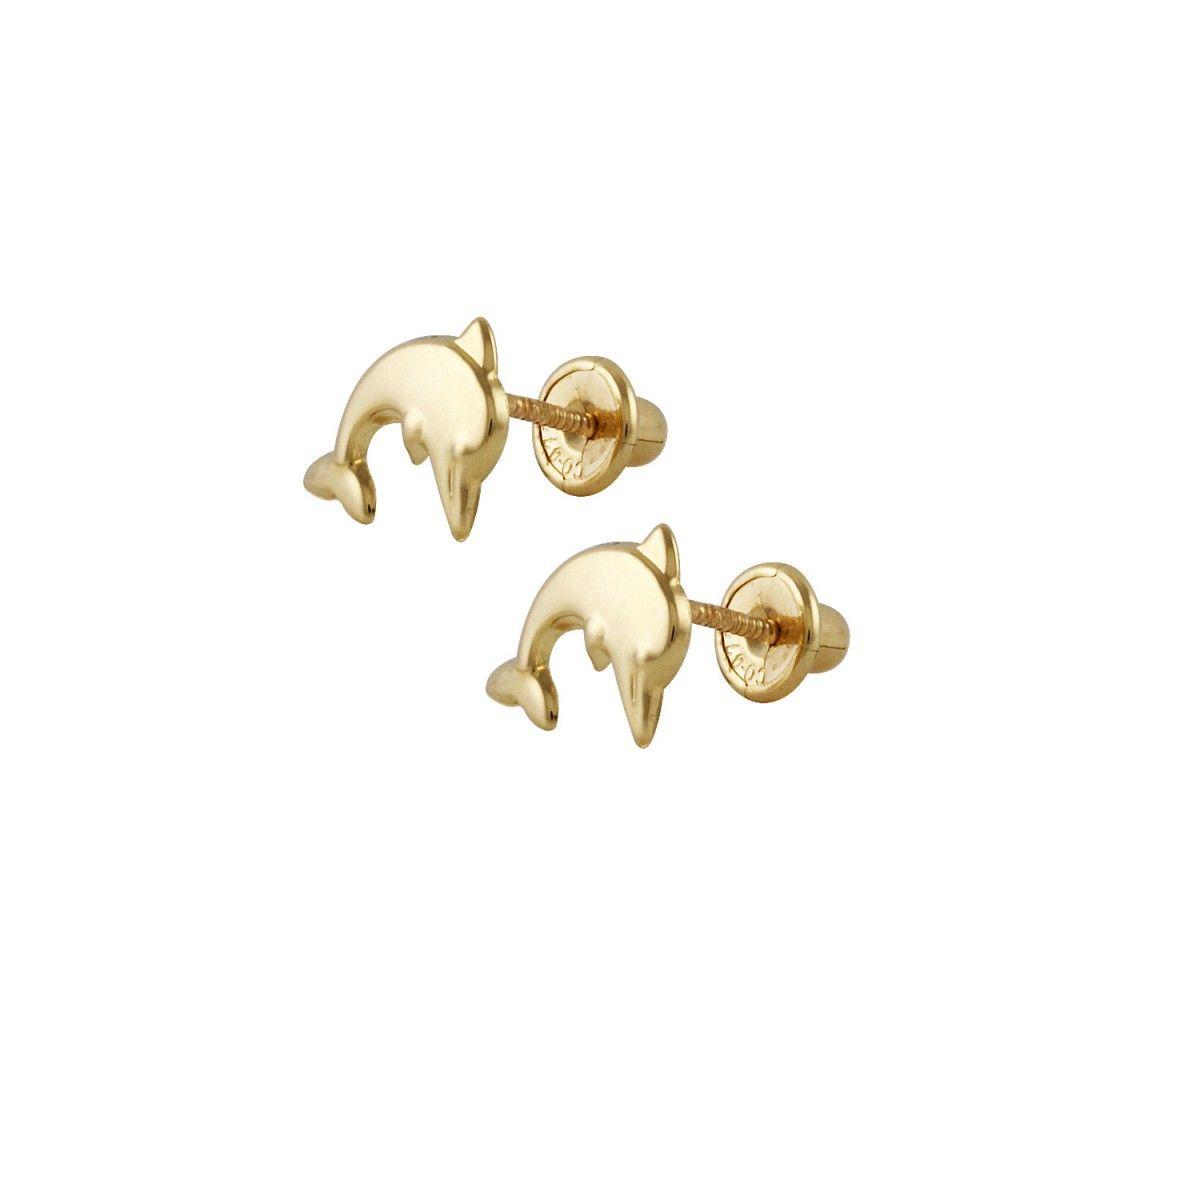 Pendiende con forma de delfín, de oro amarillo 18k/750mls.